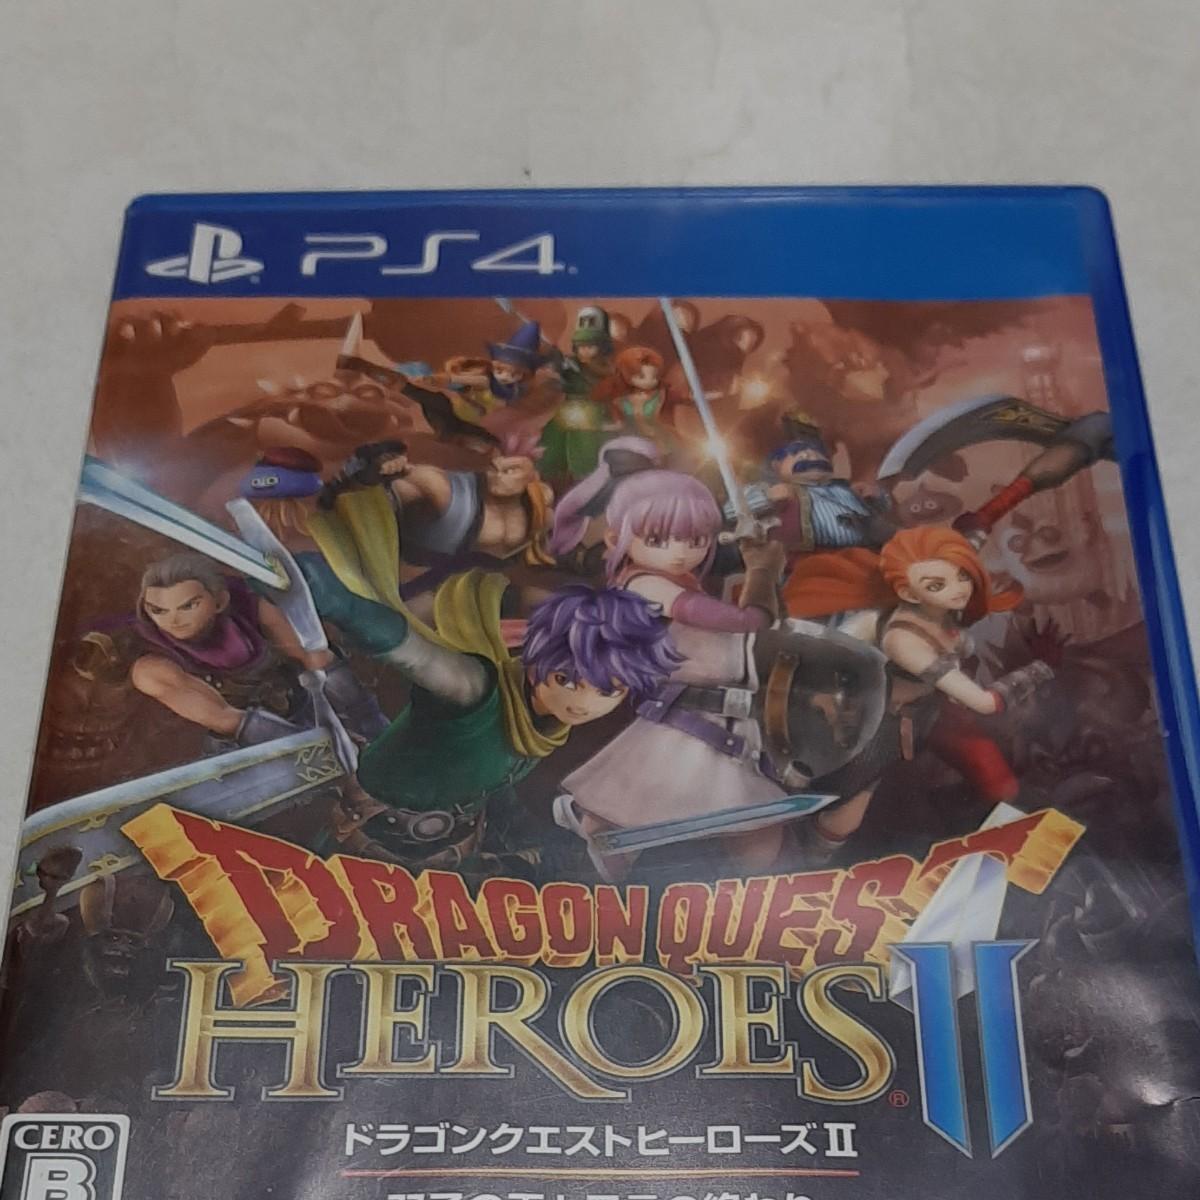 PS4 ドラゴンクエストヒーローズII双子の王と予言の終わり ドラゴンクエストヒーローズ2